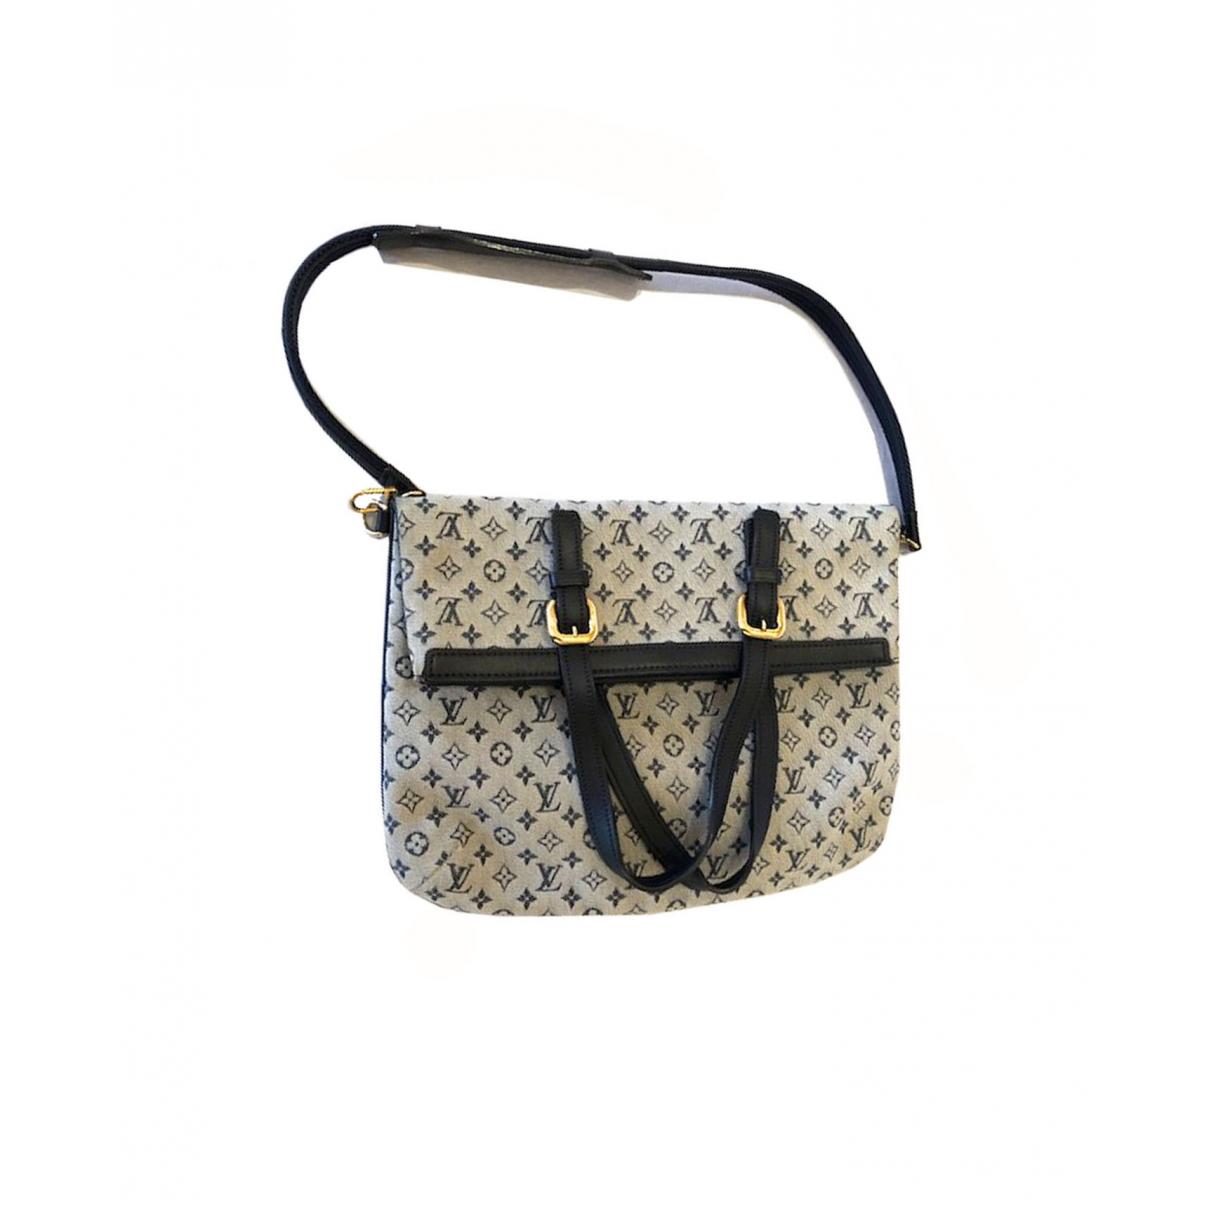 Louis Vuitton - Sac a main Francoise  pour femme en toile - gris